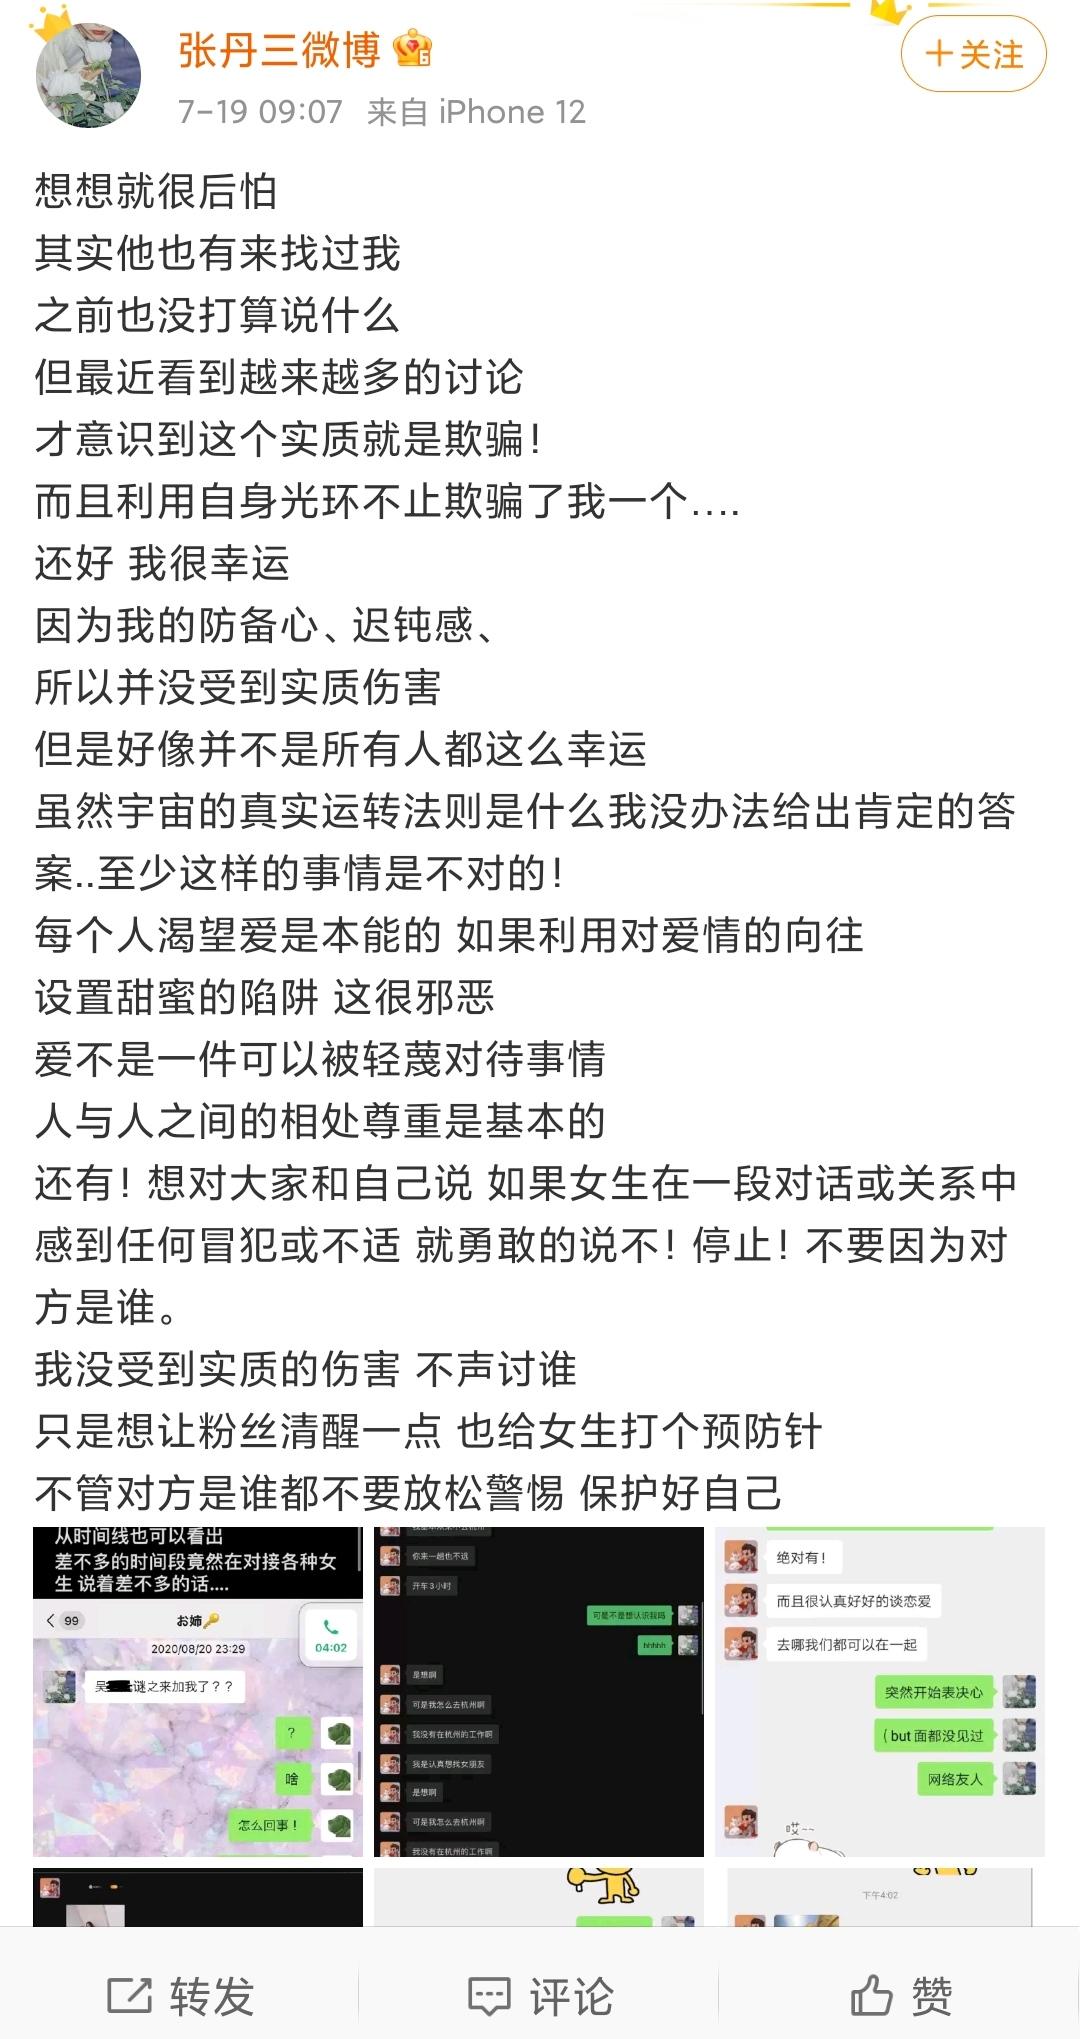 又一女生曝光与吴亦凡的聊天记录,吴亦凡的瓜还要吃多久?